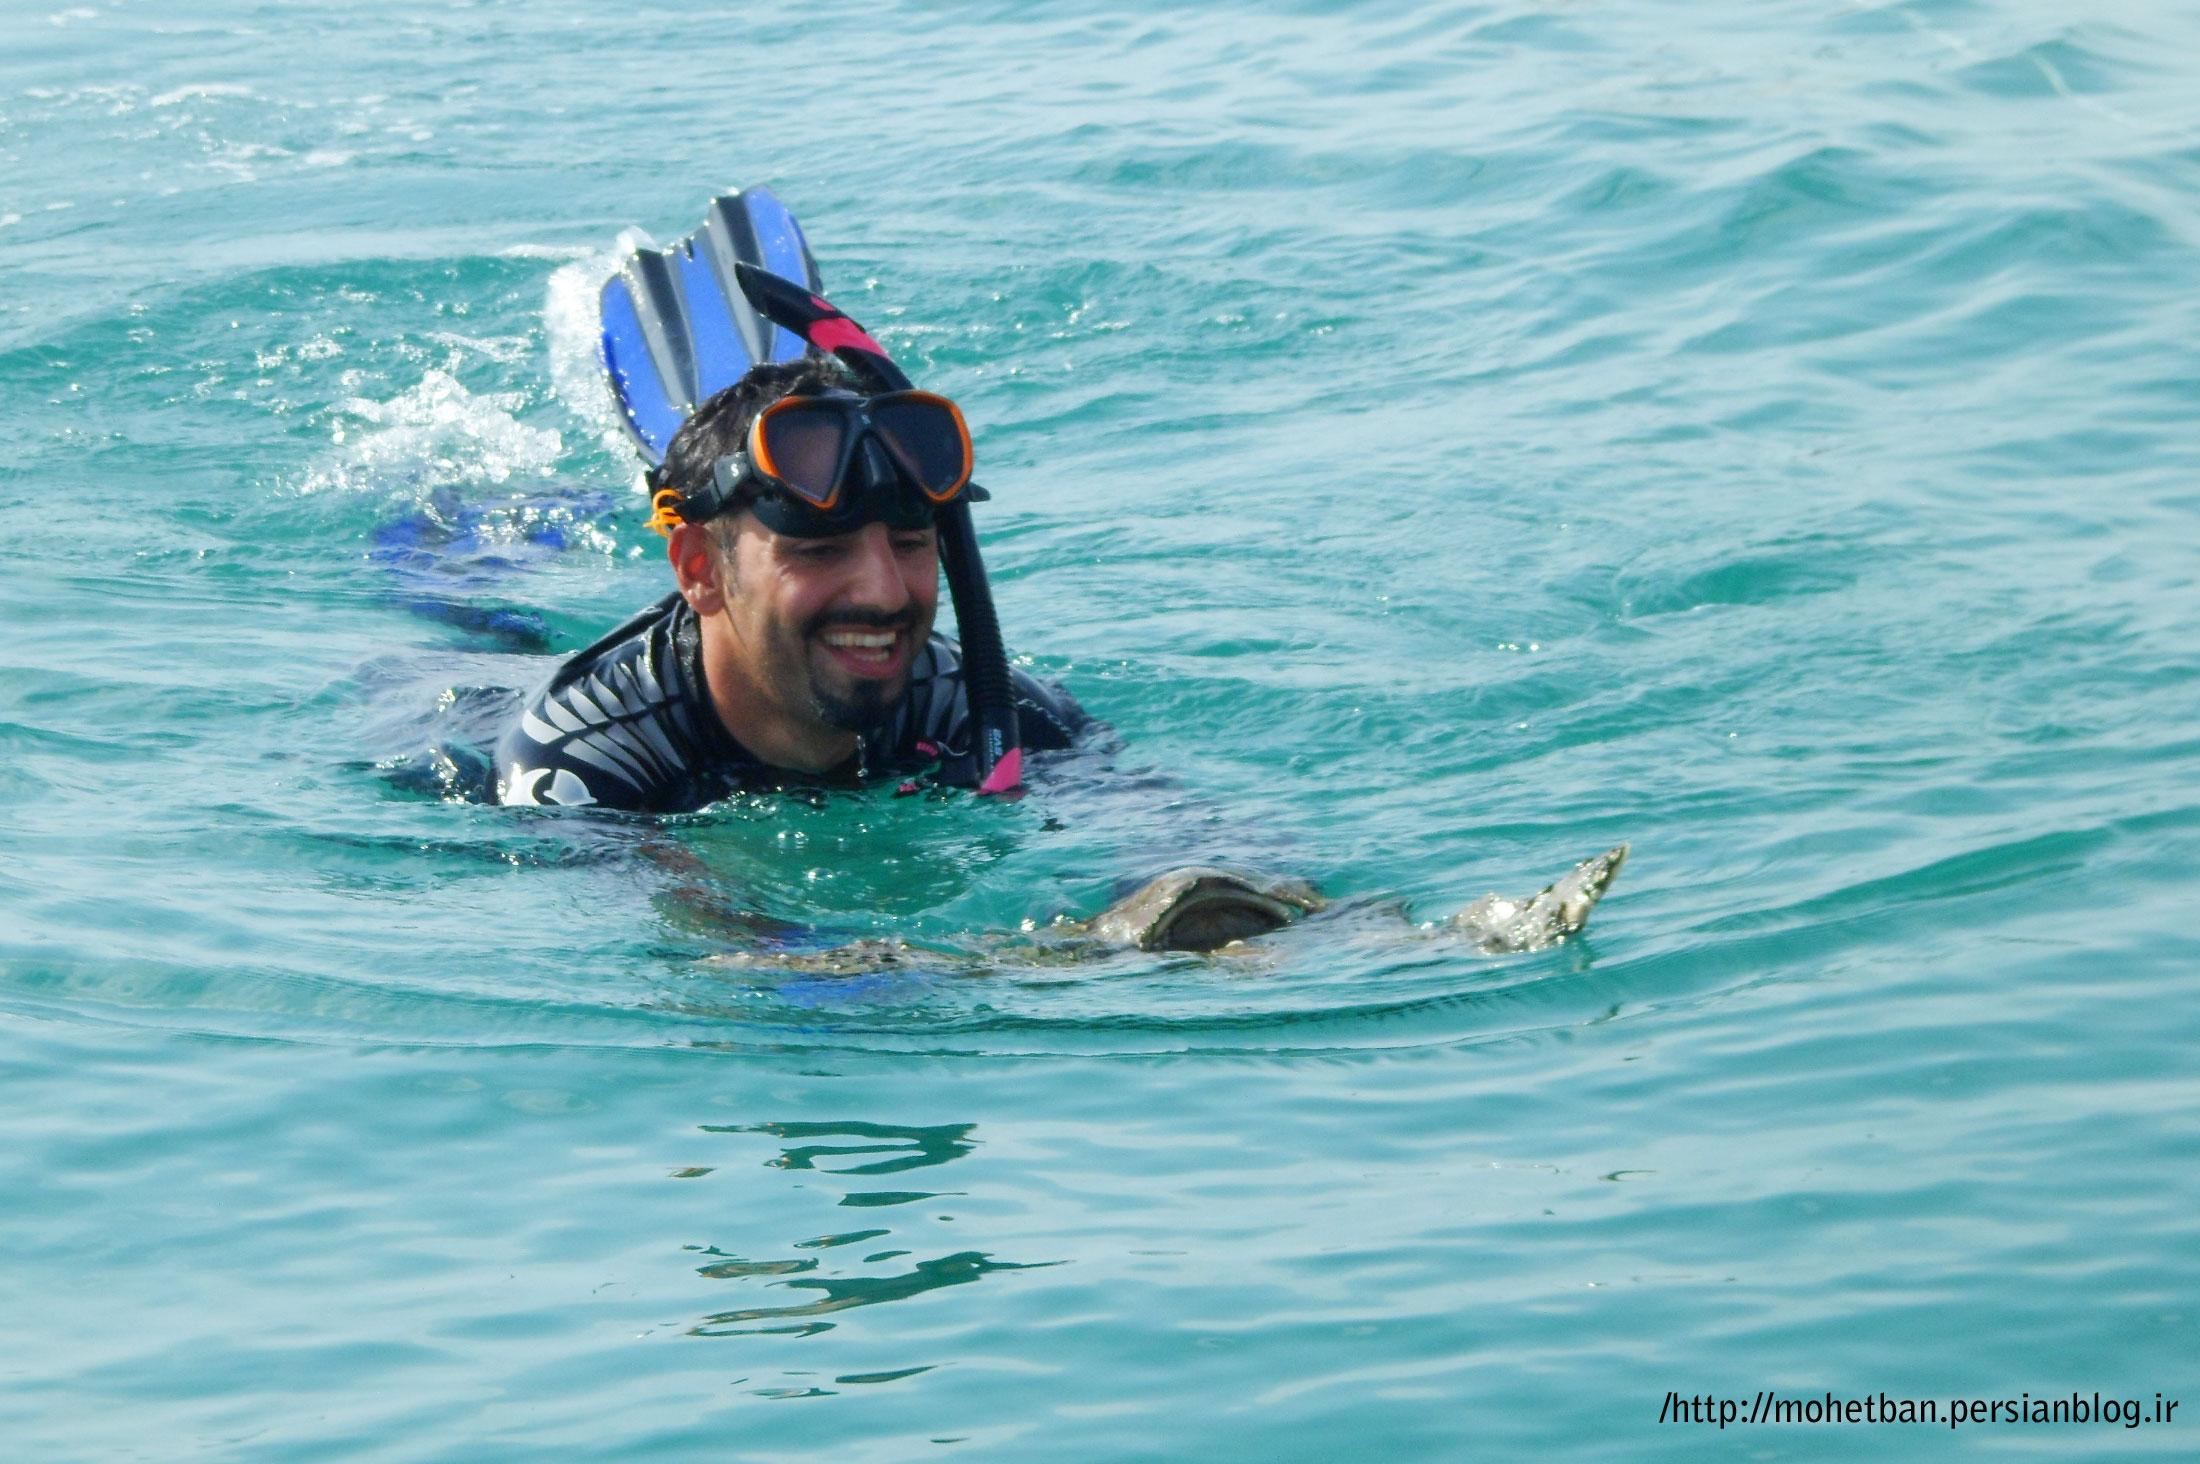 محمد کبادی شناگر طول خلیج فارس